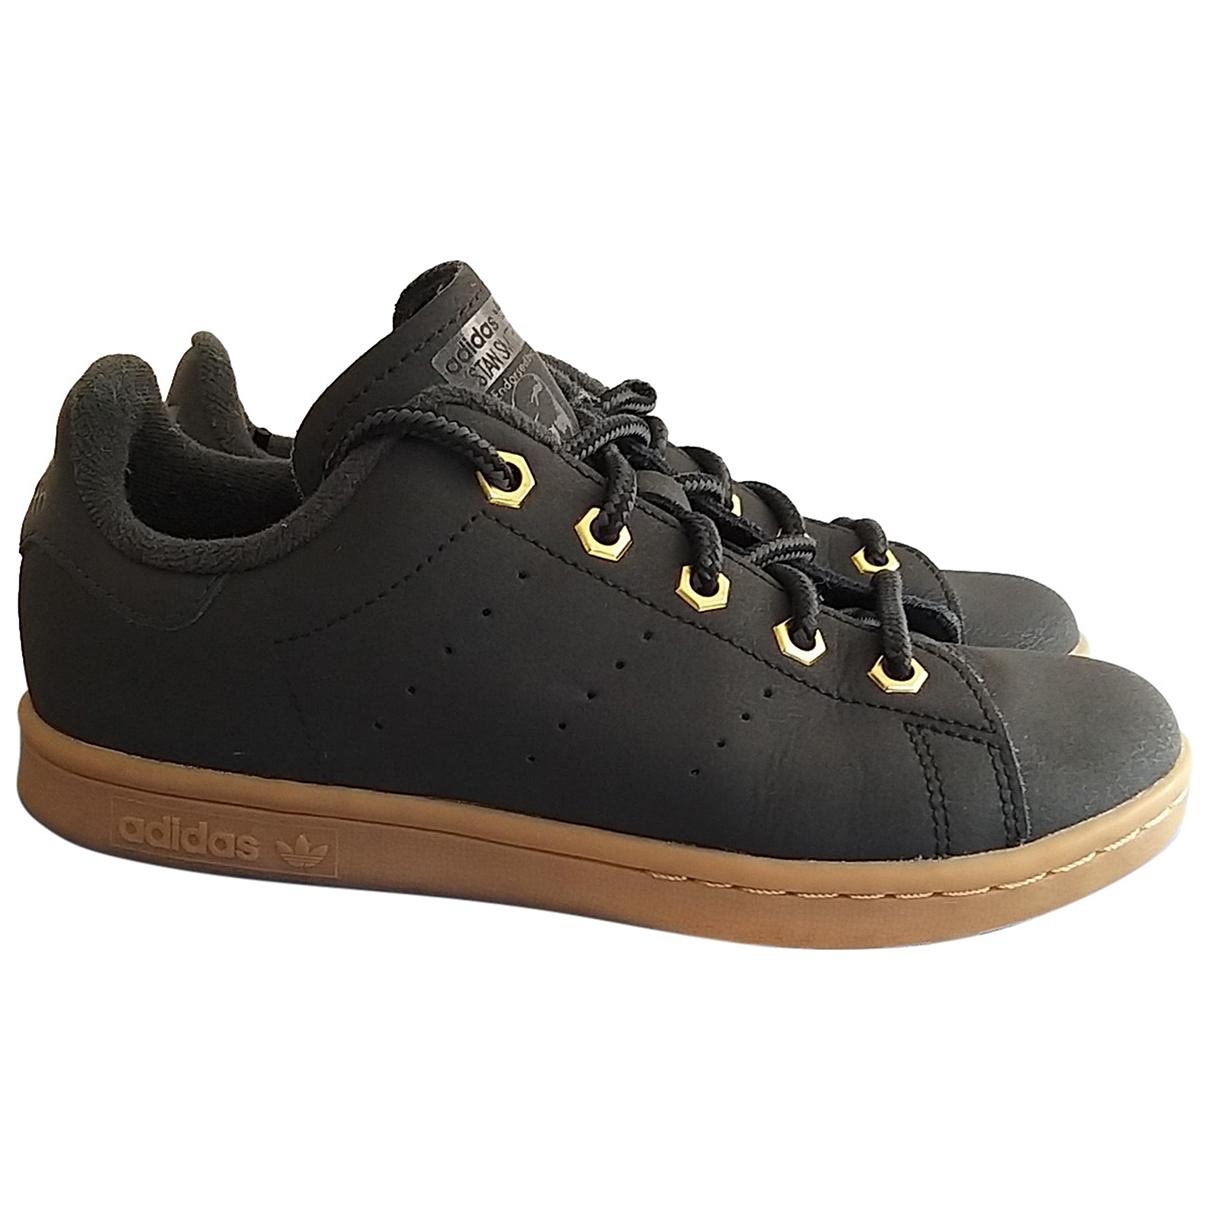 Adidas - Baskets Stan Smith pour enfant en cuir - noir